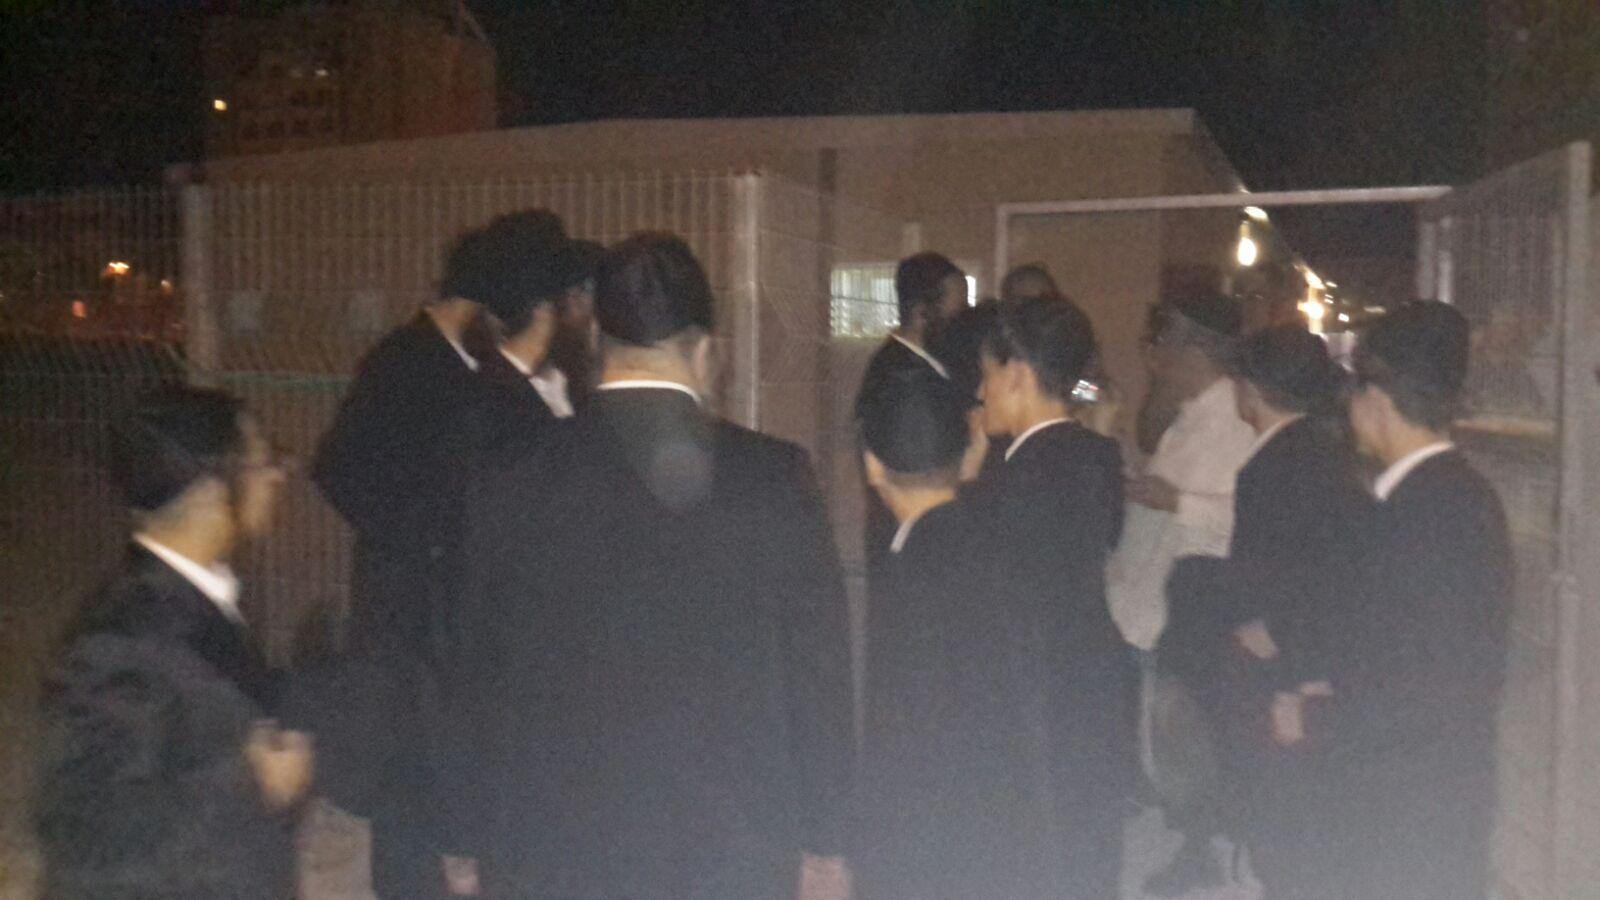 מהומות ערד: חסיד גור יואשם בתקיפת שוטר